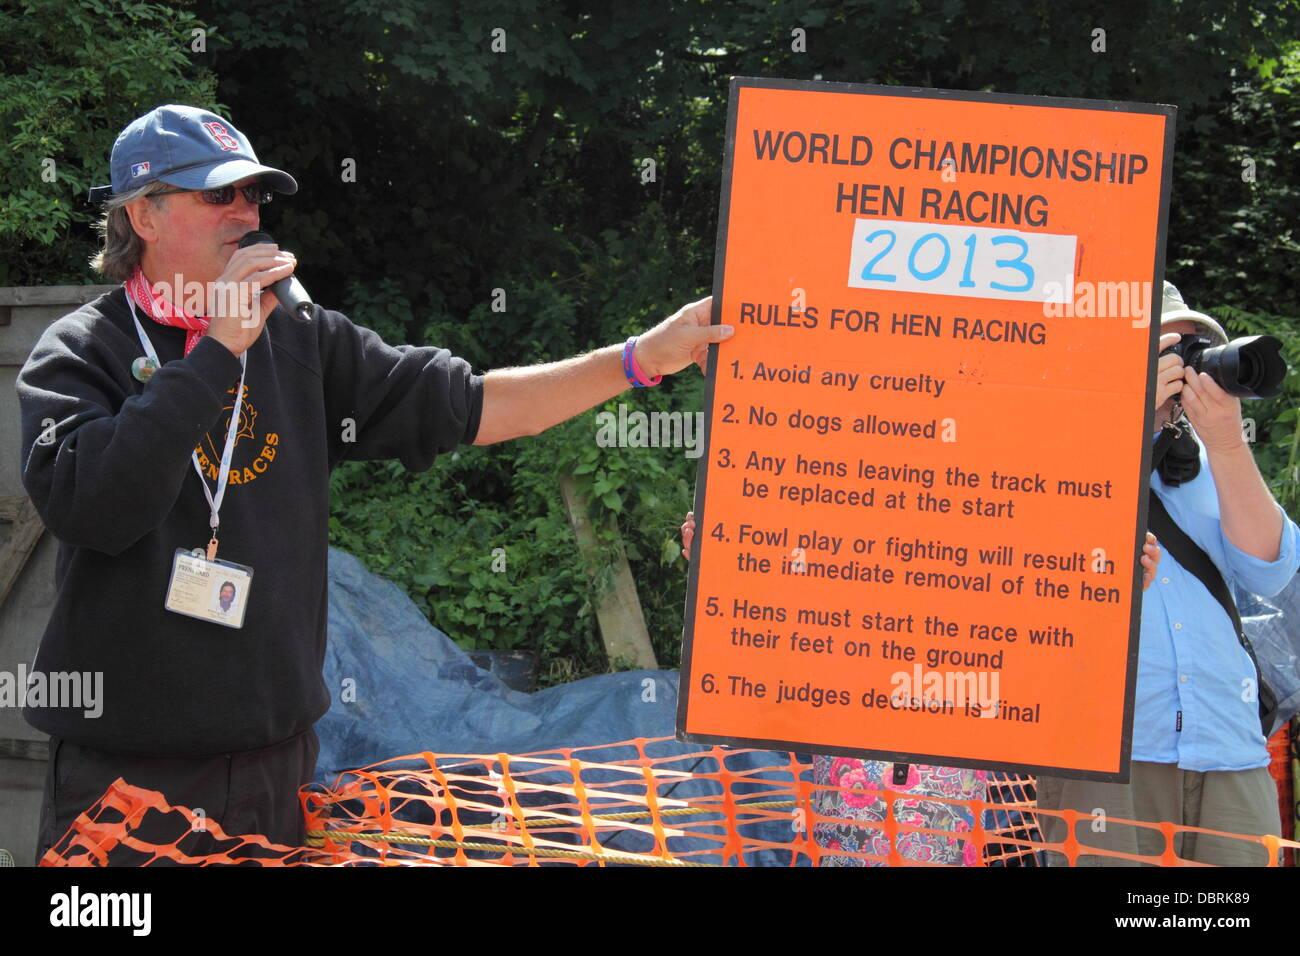 Bonsall, Derbyshire, UK. 3. August 2013. Die Henne Racing World Championships statt Plaace in Bonsall. Ein Beamter Stockbild